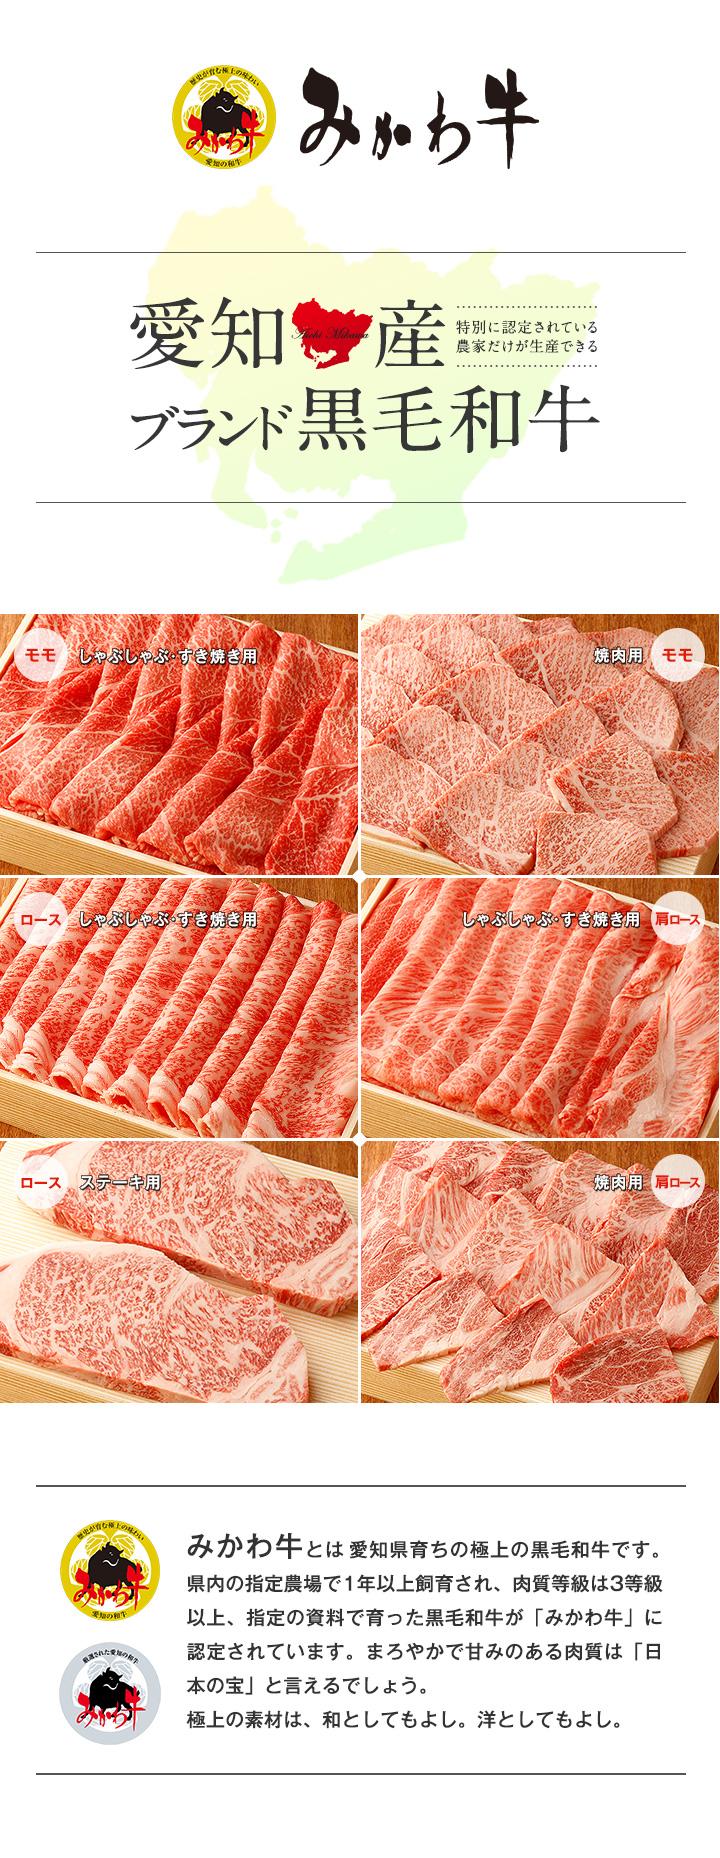 愛知県産 ブランド 黒毛和牛